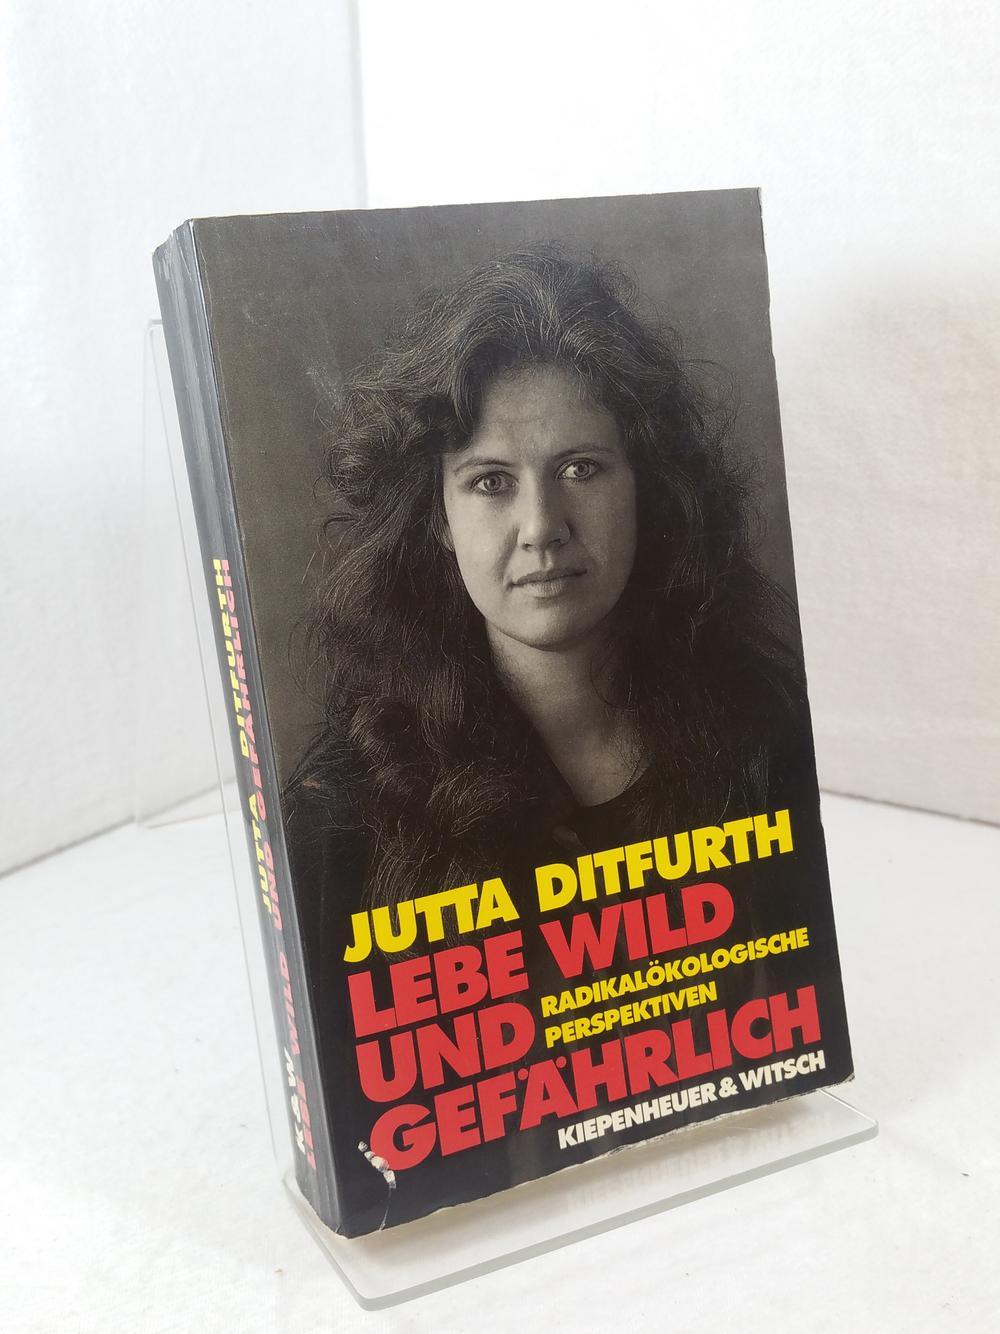 Lebe wild und gefährlich : Radioökologische Perspektiven. - Ditfurth, Jutta